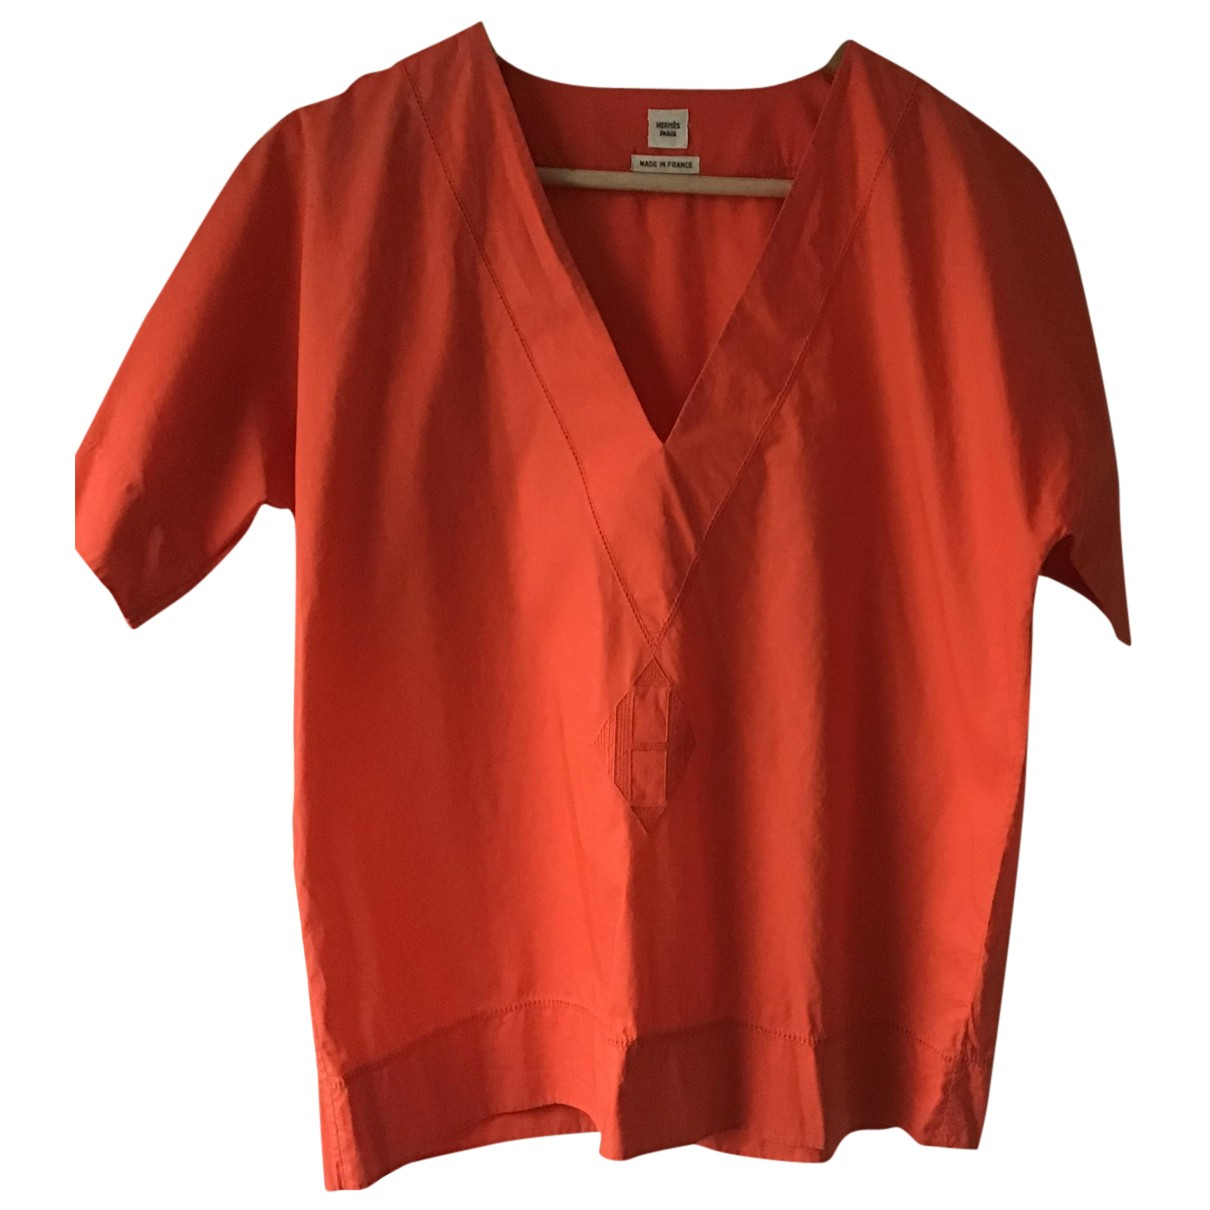 Hermes - Top   pour femme en coton - orange